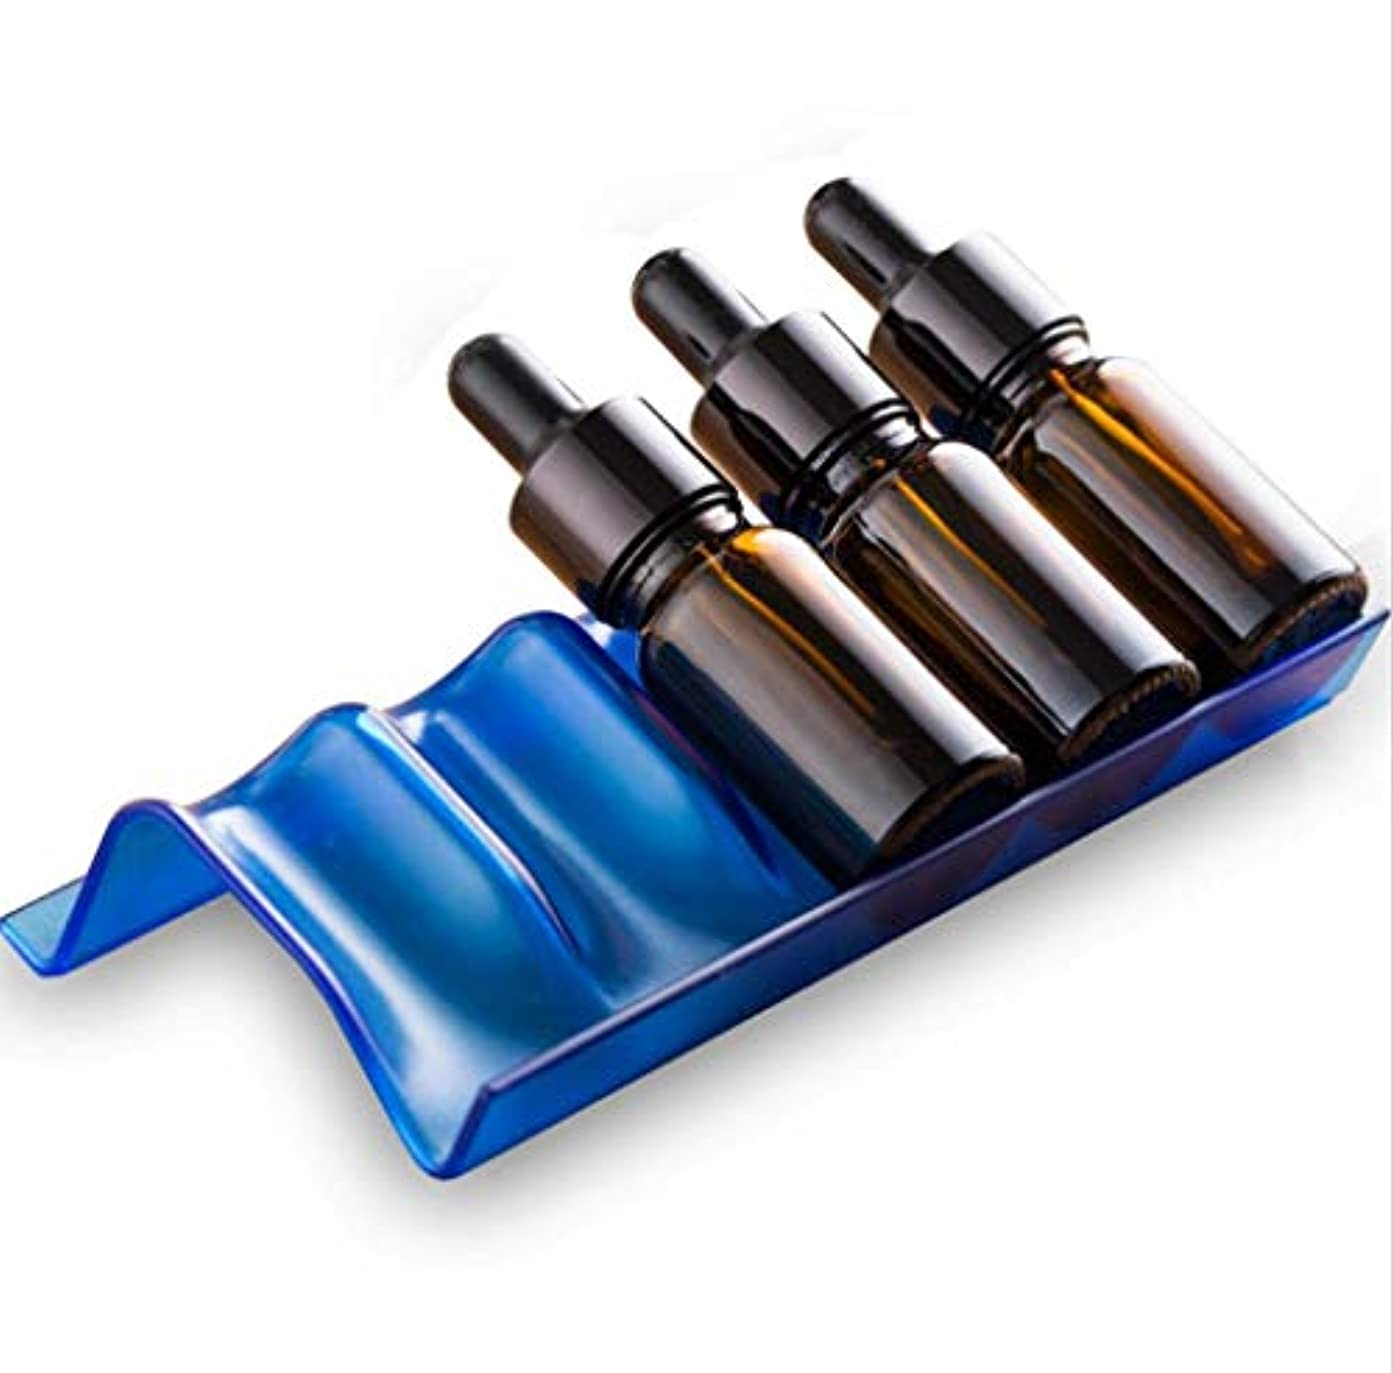 塗抹接続寛容なYONIK エッセンシャルオイル収納ラック 精油 ディスプレイ スタンド 香水収納 展示スタンド (青, 3)